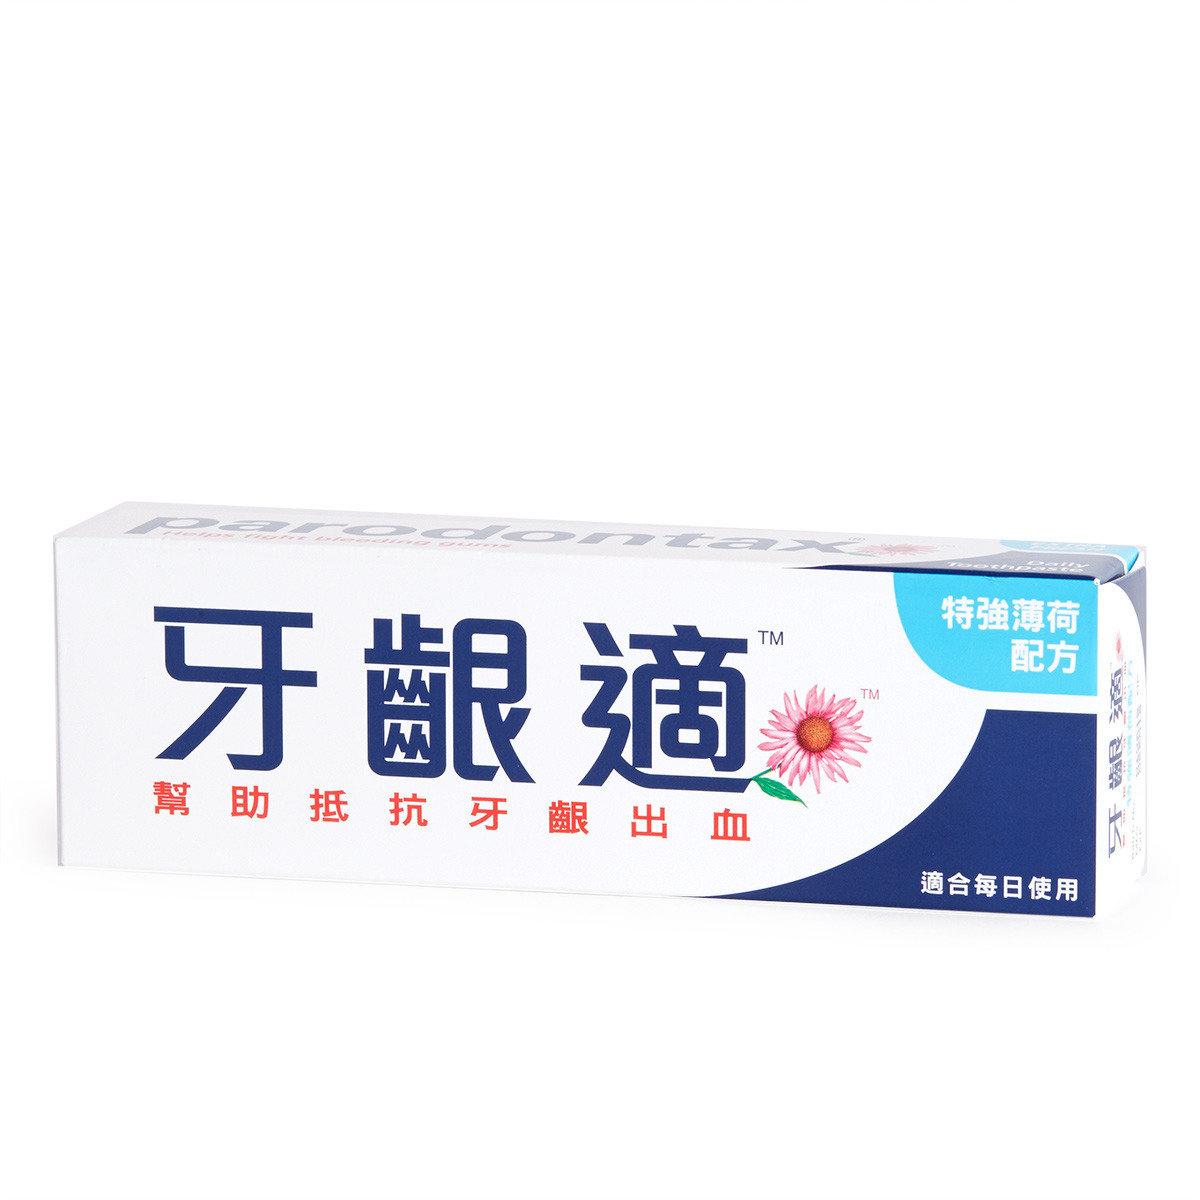 牙齦適特强薄荷配方牙膏